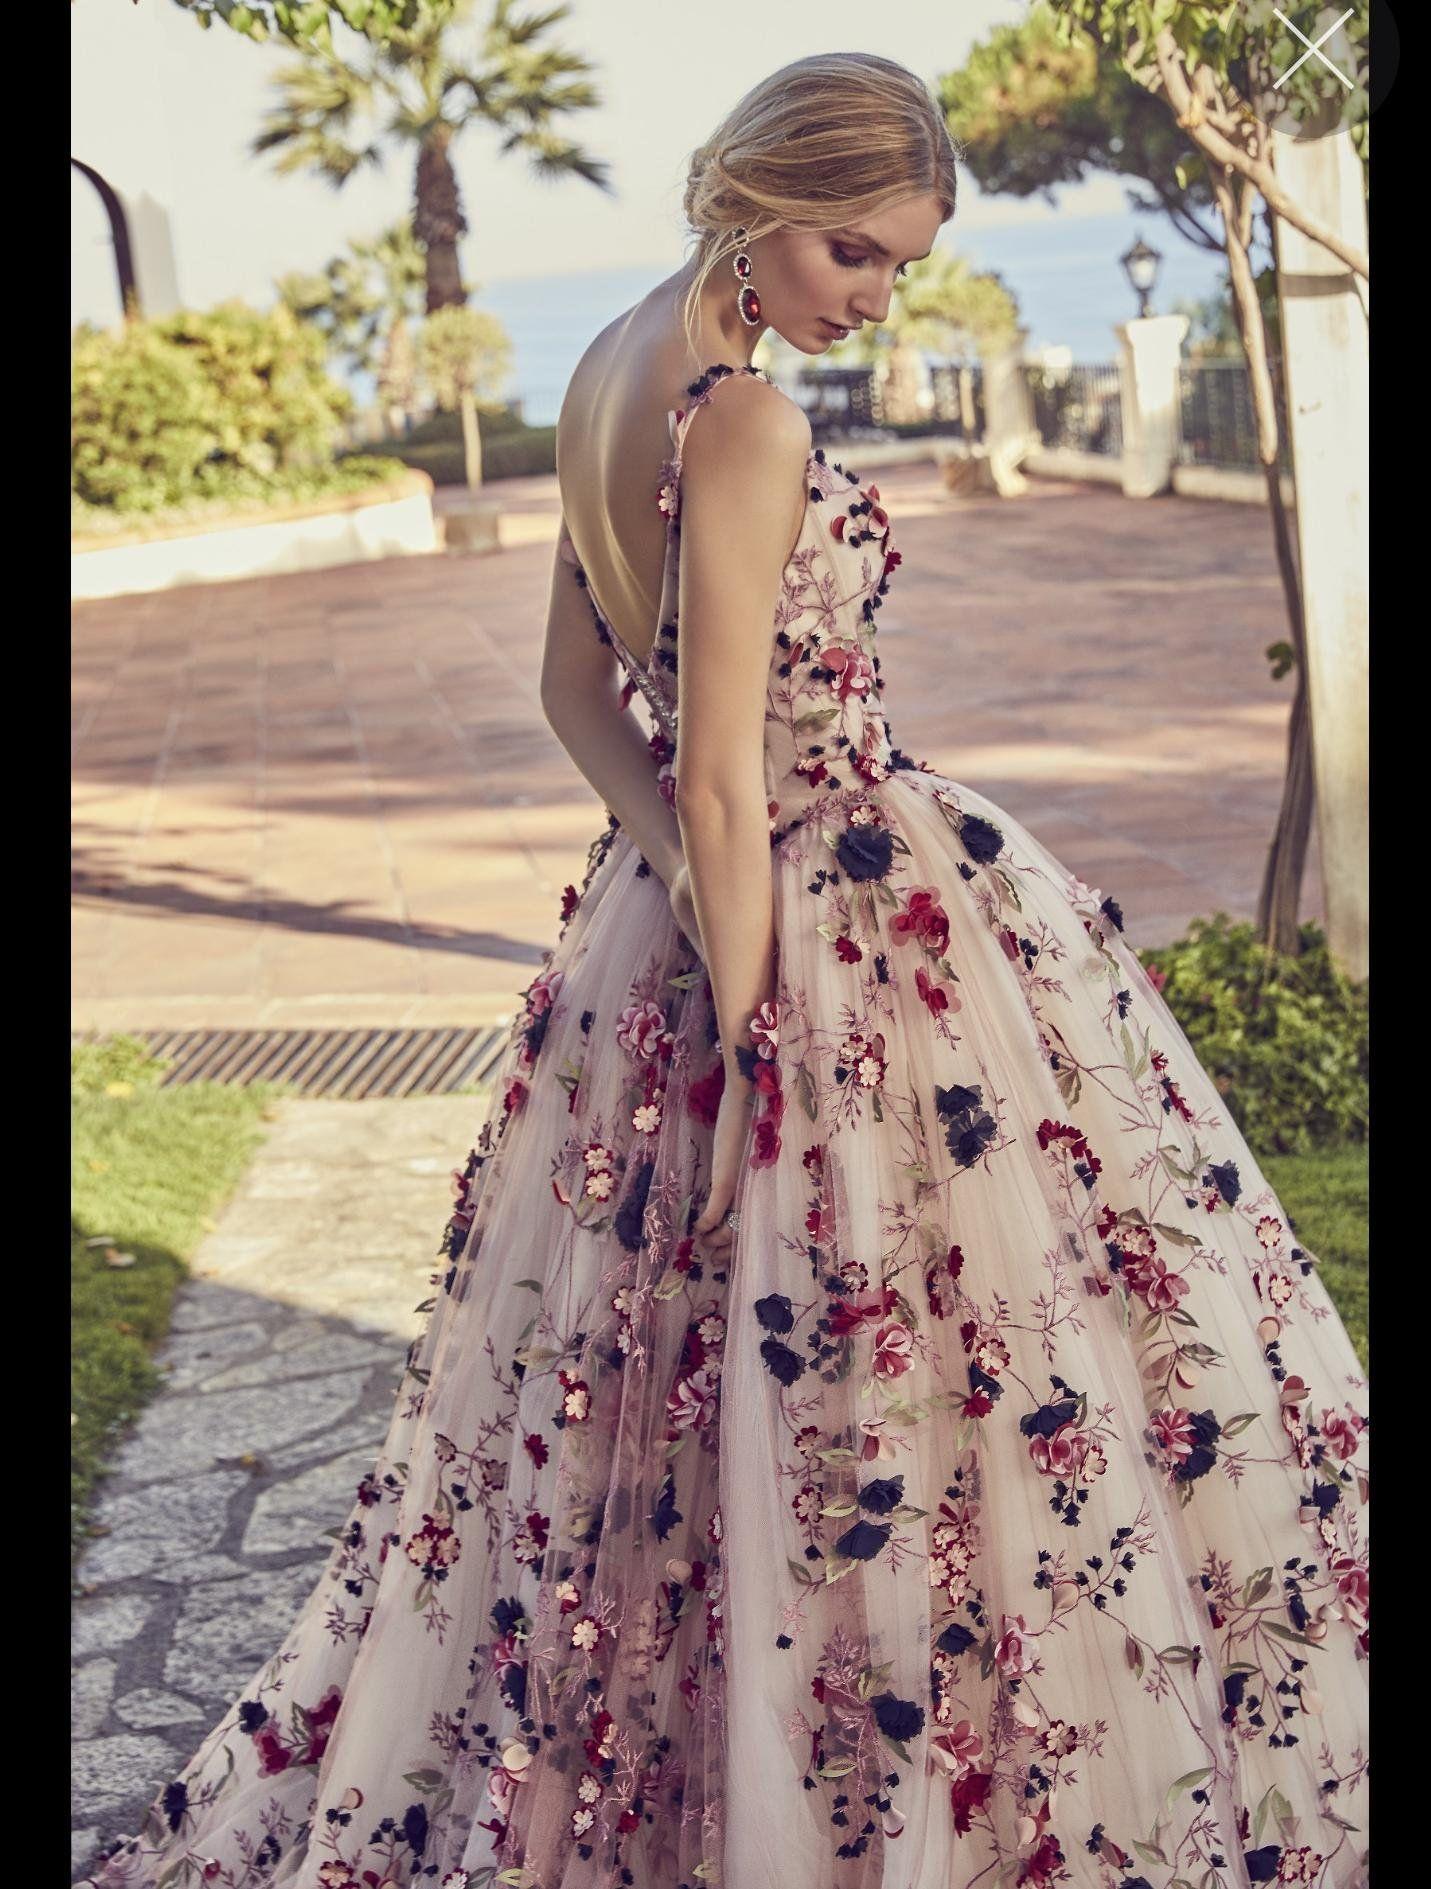 Irgendwelche Ideen für nichttraditionelle Brautkleider mit